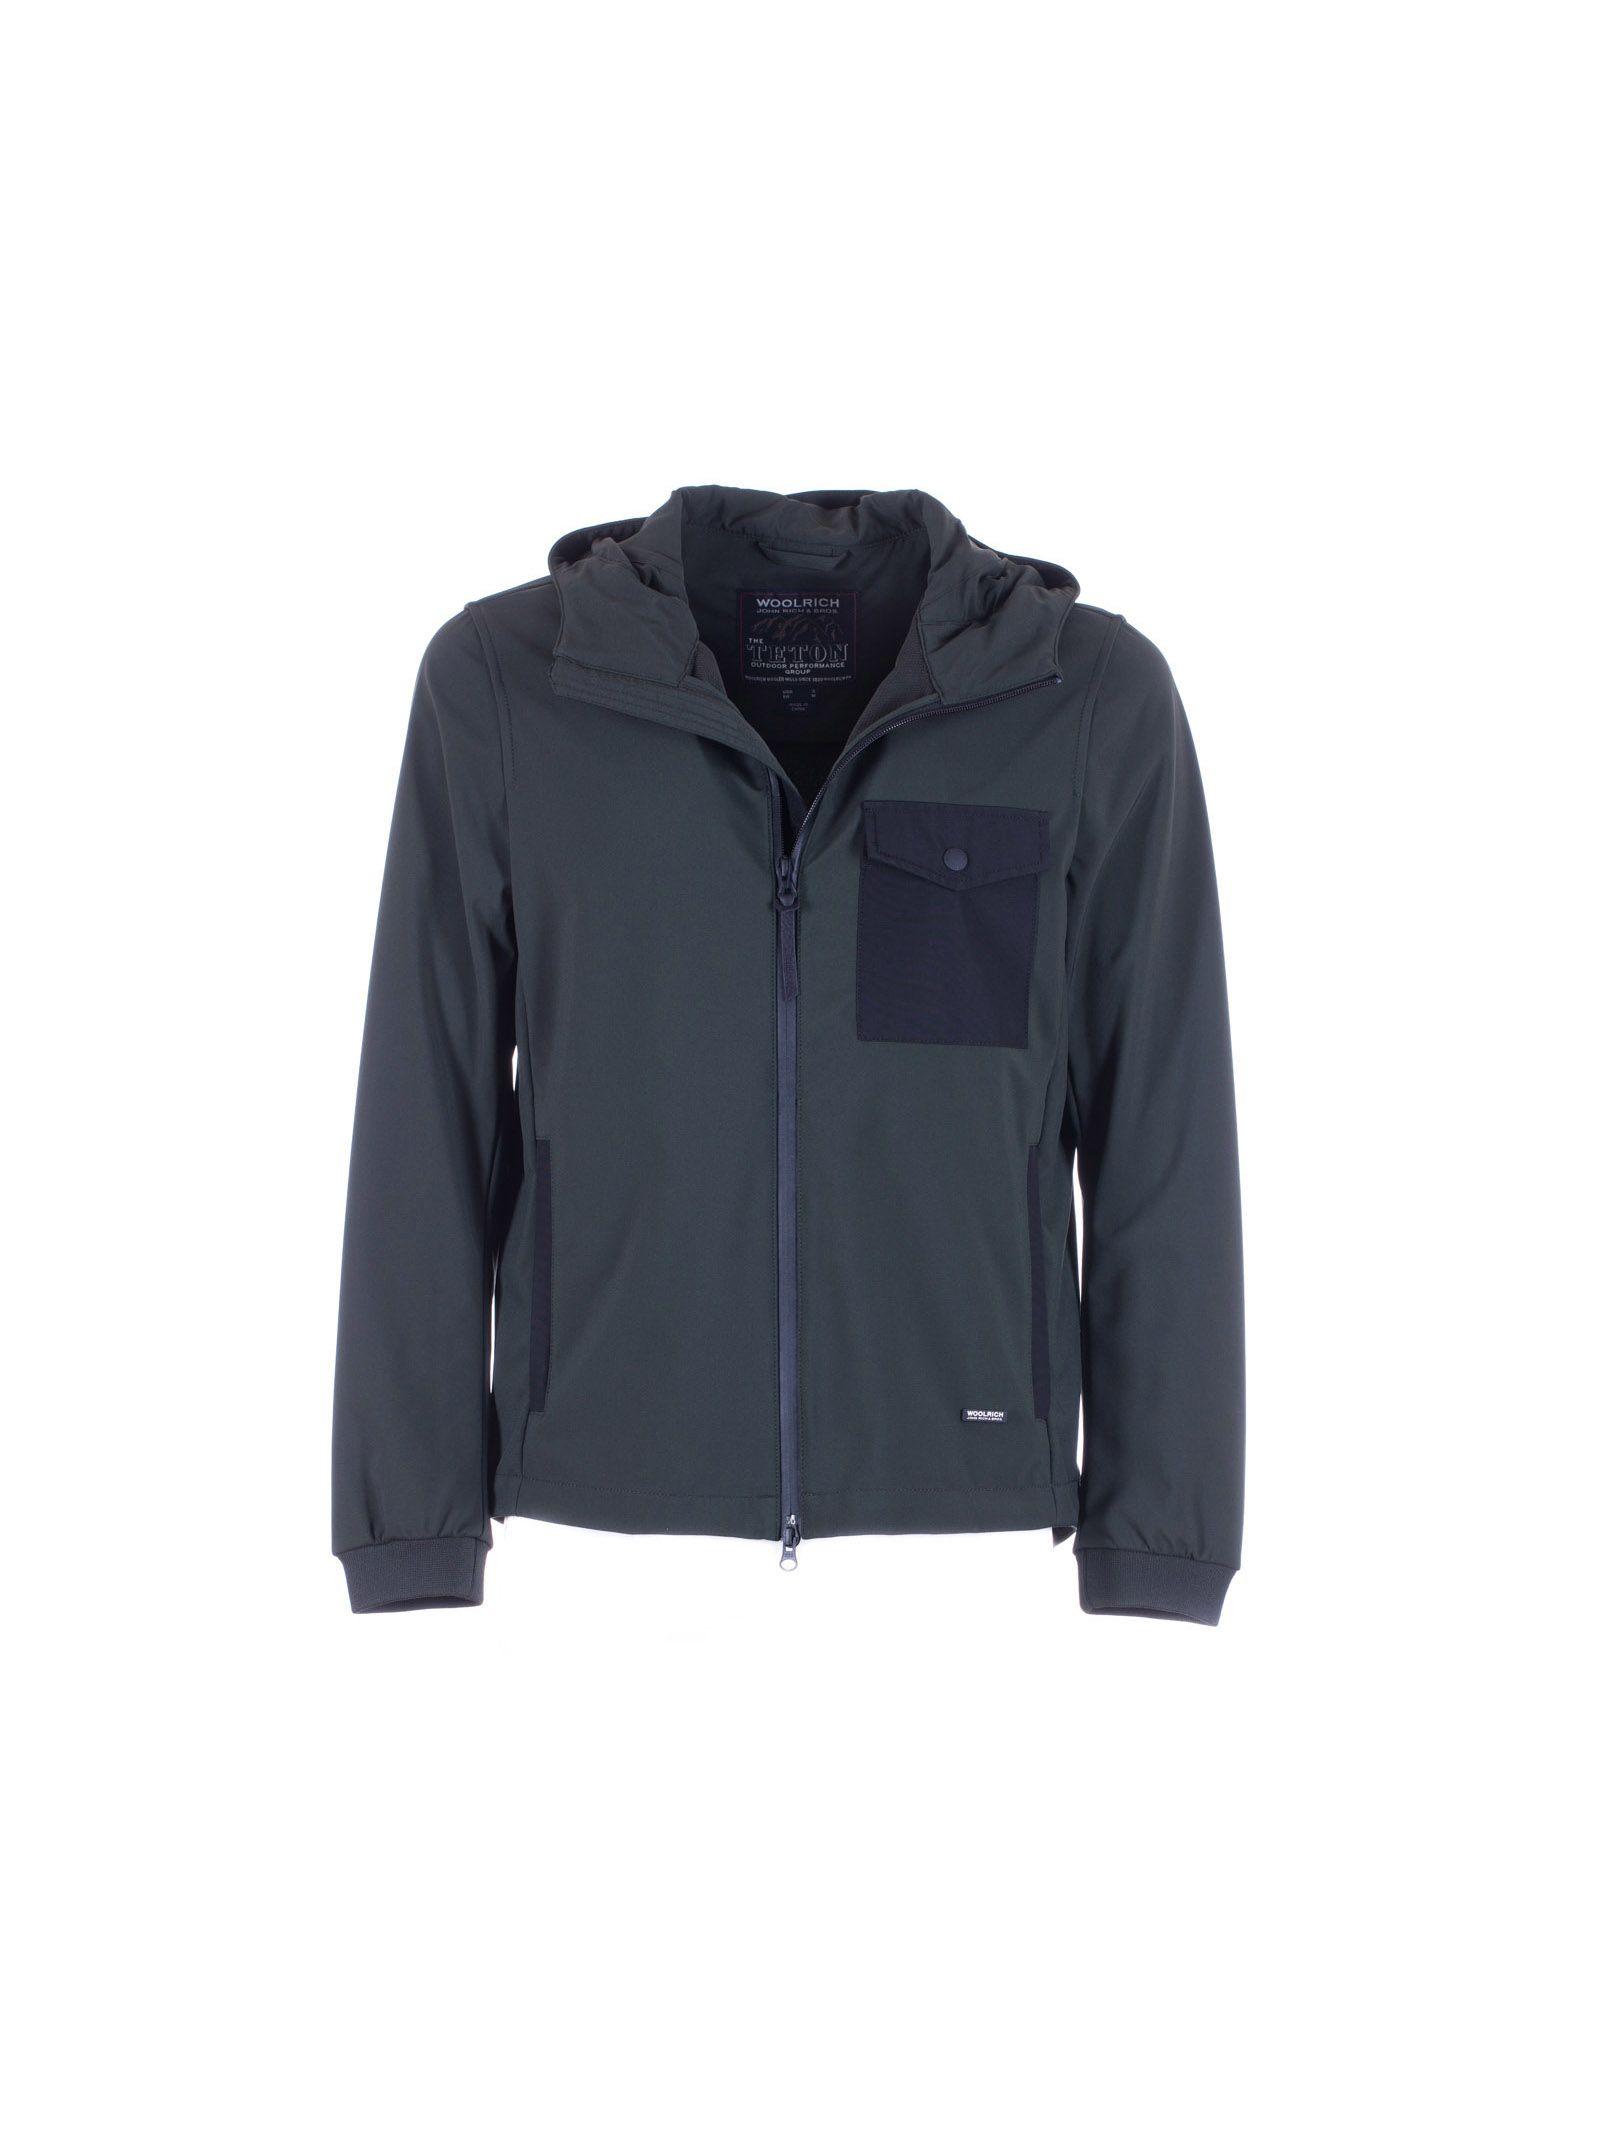 Woolrich Soft Shell Rudder Jacket